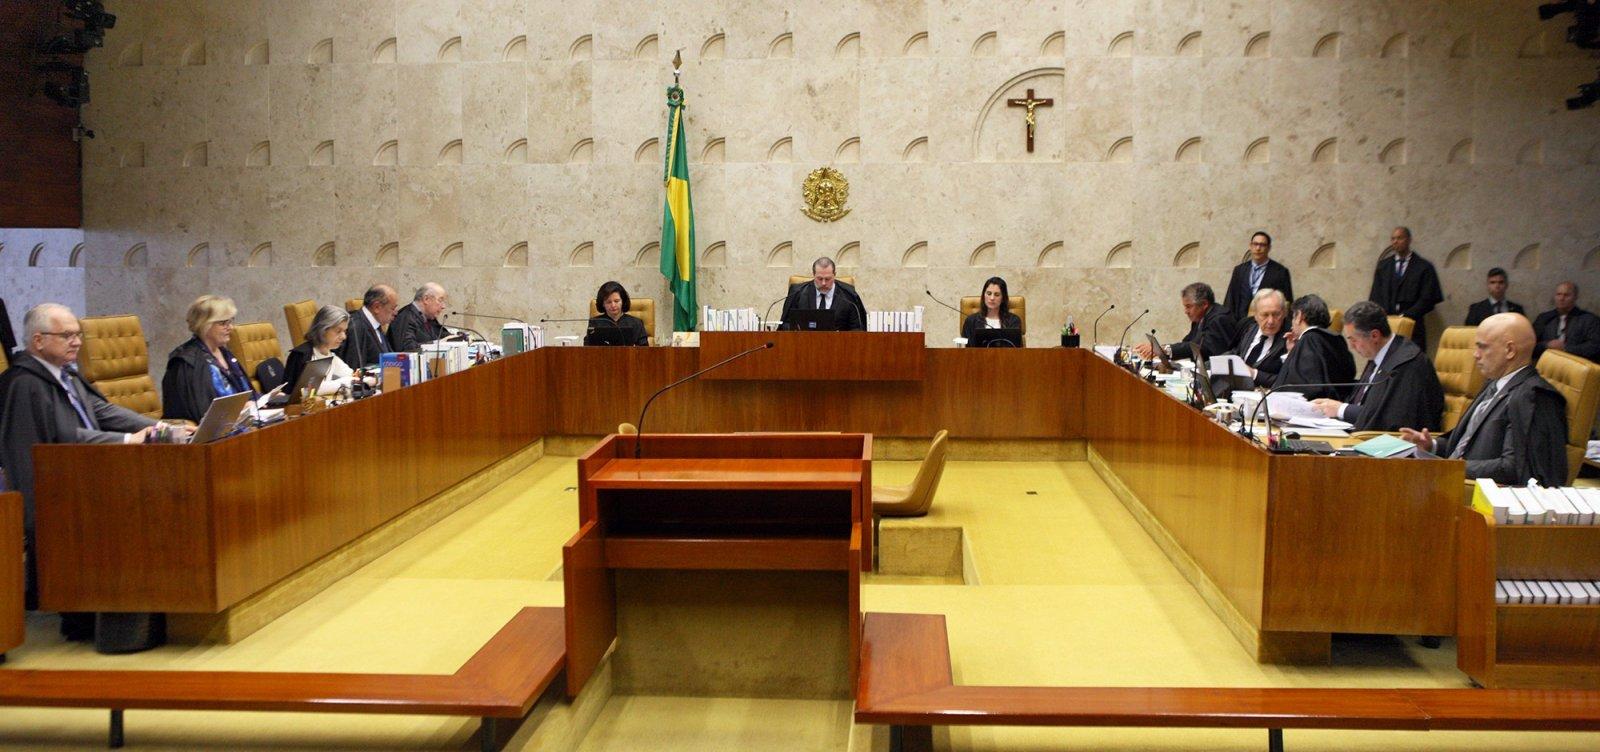 [Após vazamento, ministros do STF avaliam anular decisões da Lava Jato]